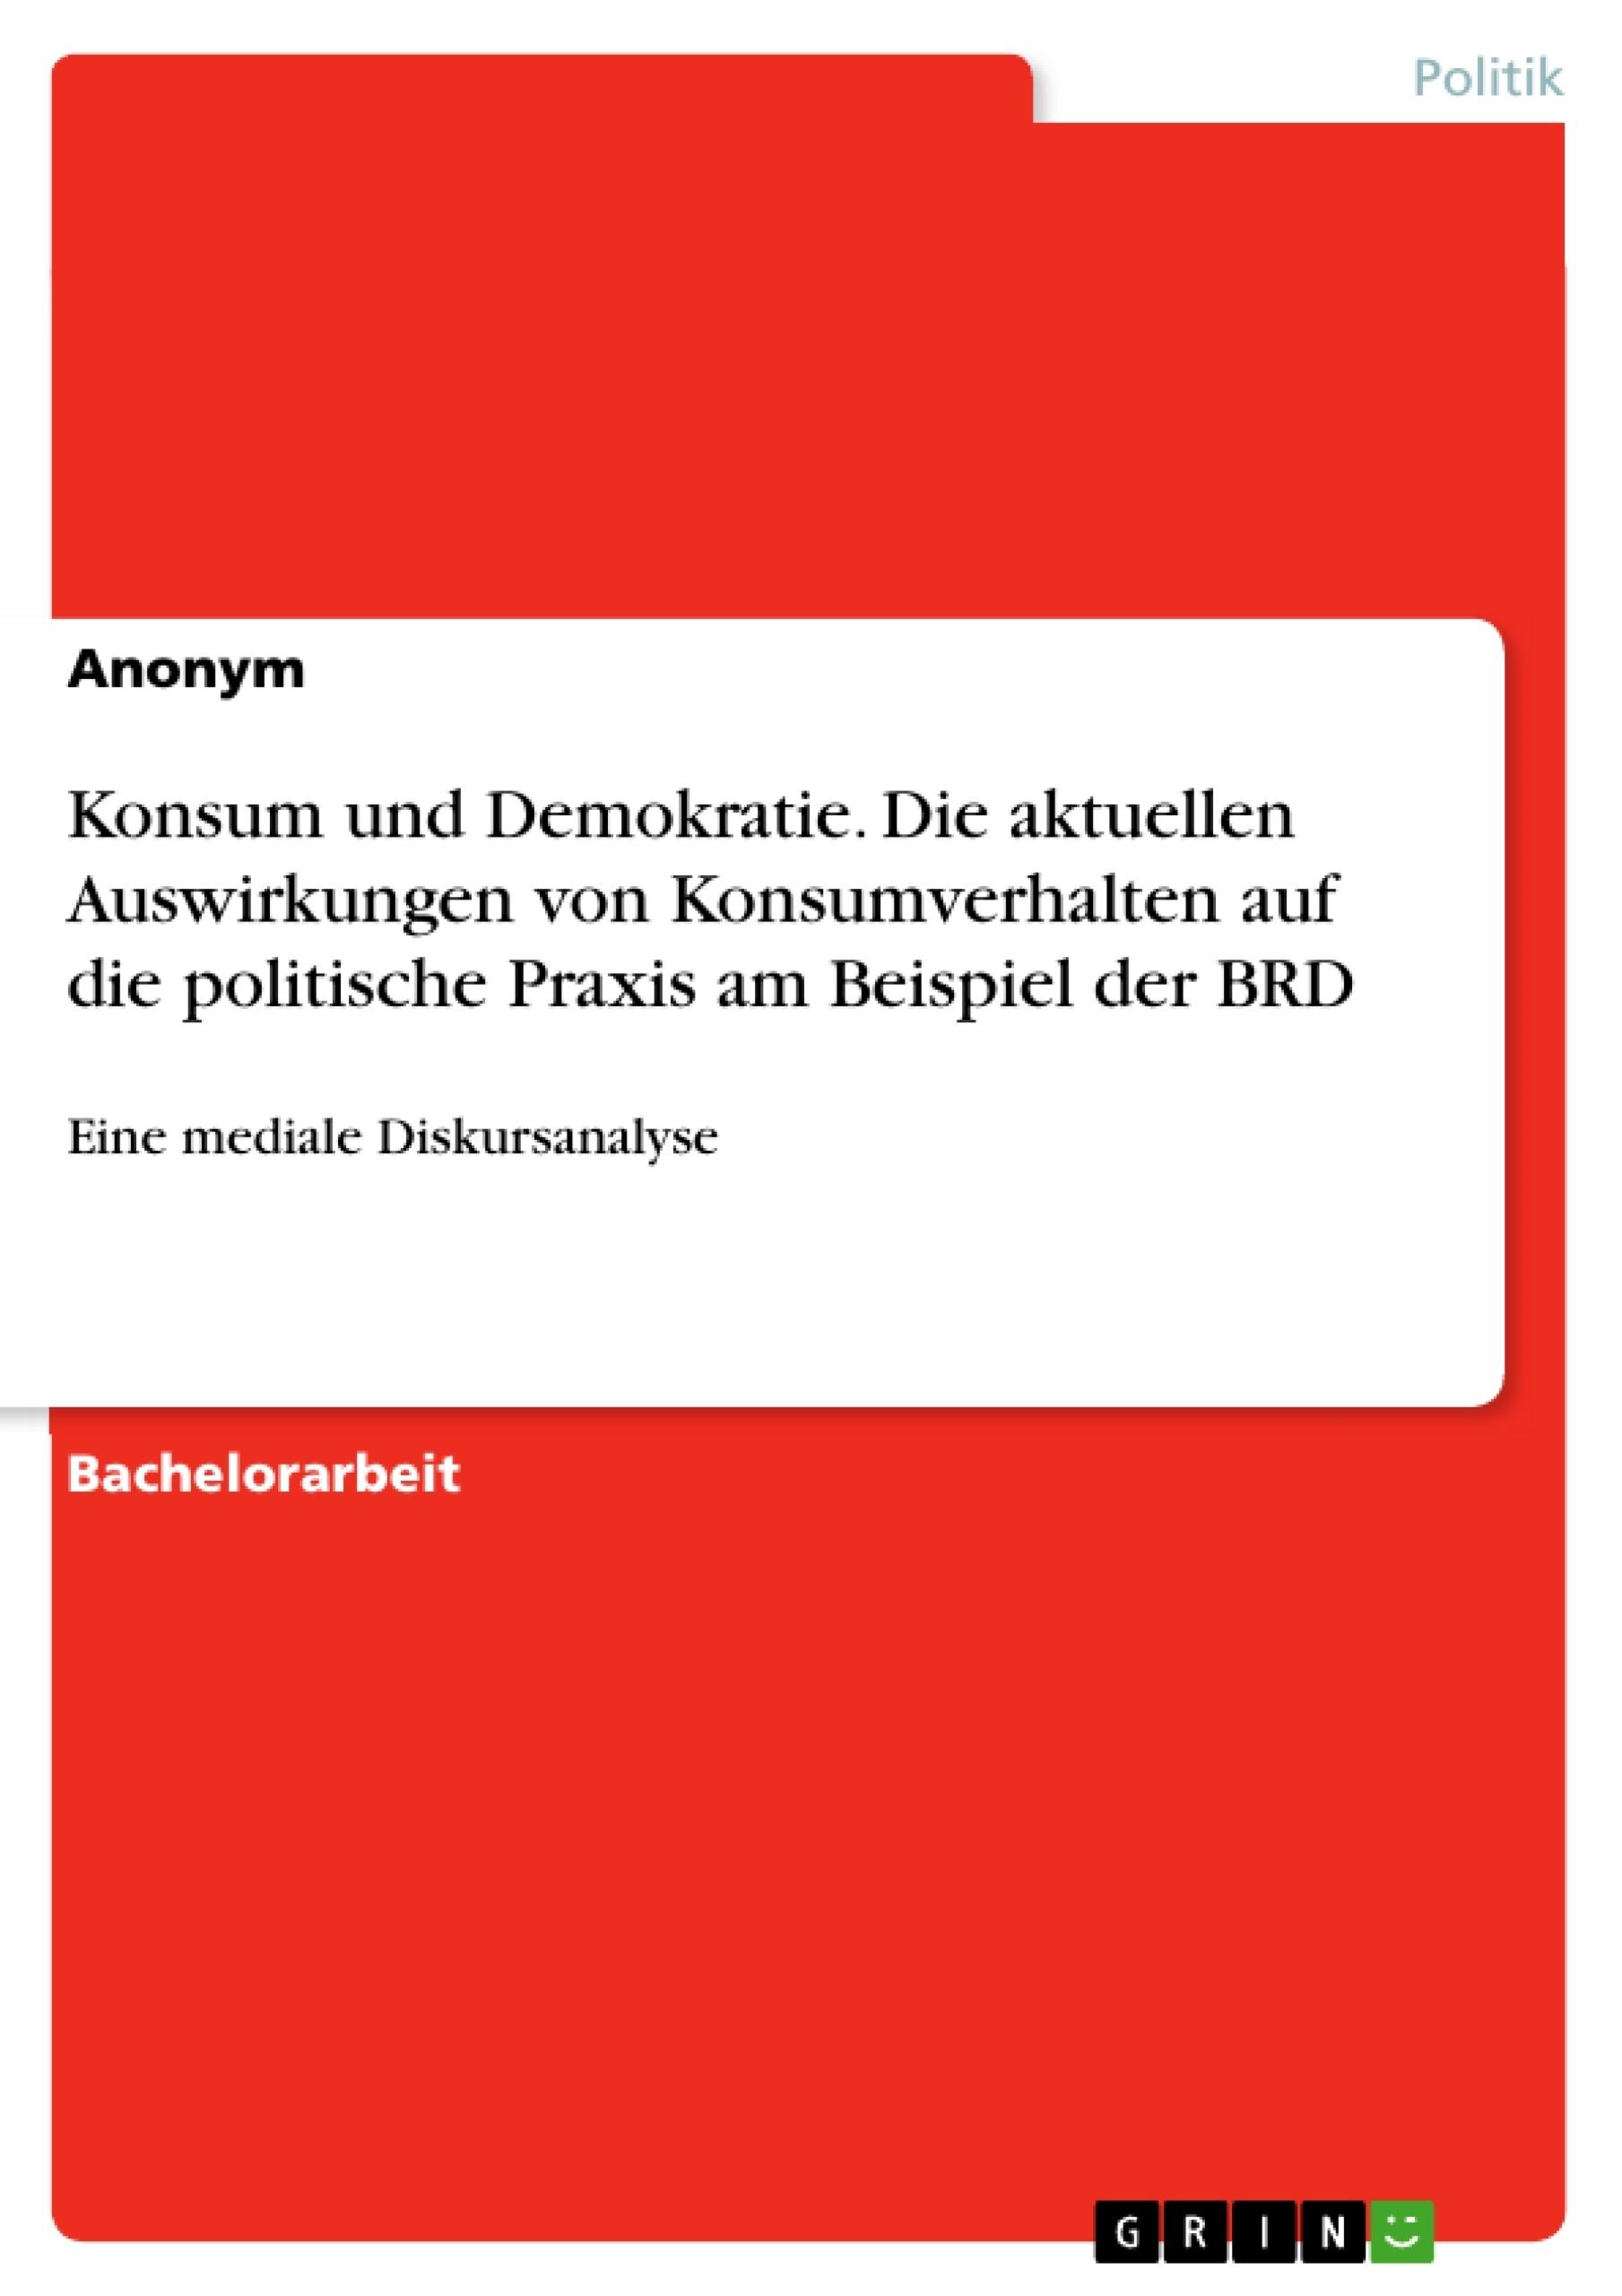 Titel: Konsum und Demokratie. Die aktuellen Auswirkungen von Konsumverhalten auf die politische Praxis am Beispiel der BRD